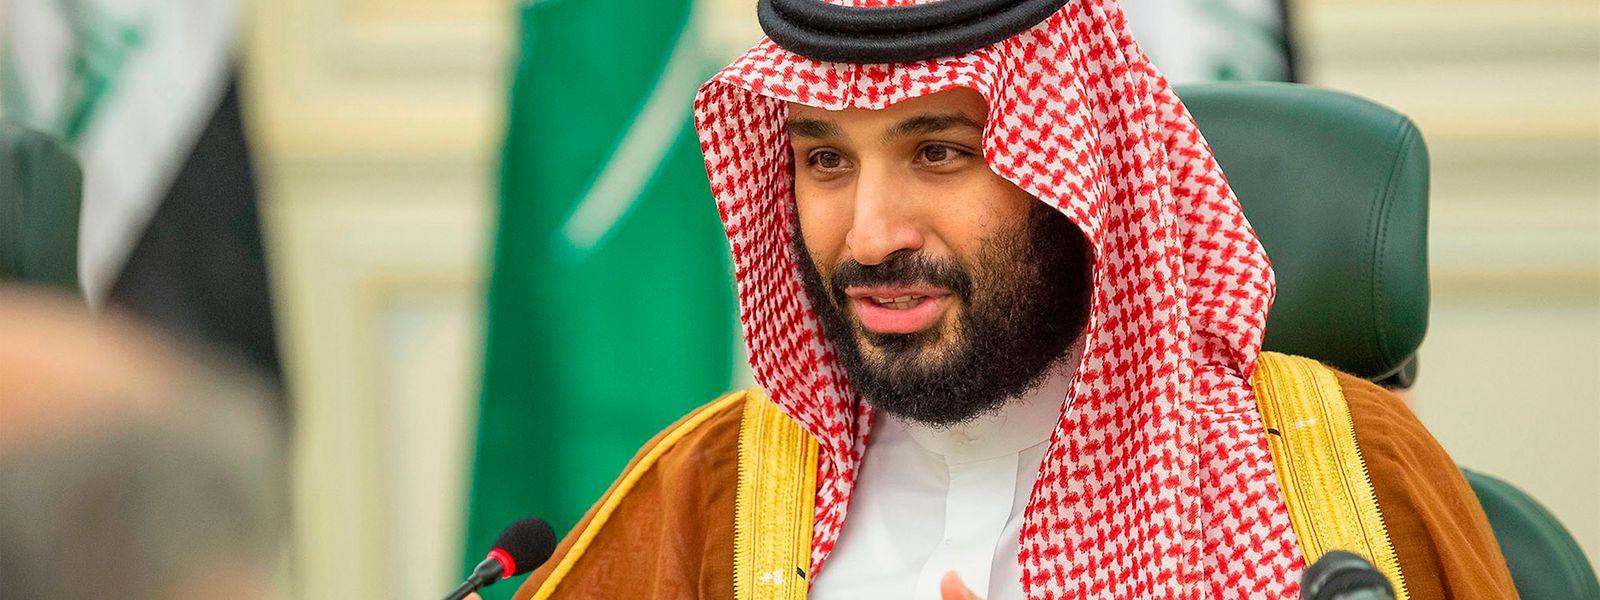 Mohammad bin Salman, príncipe herdeiro e primeiro vice-primeiro-ministro saudita.